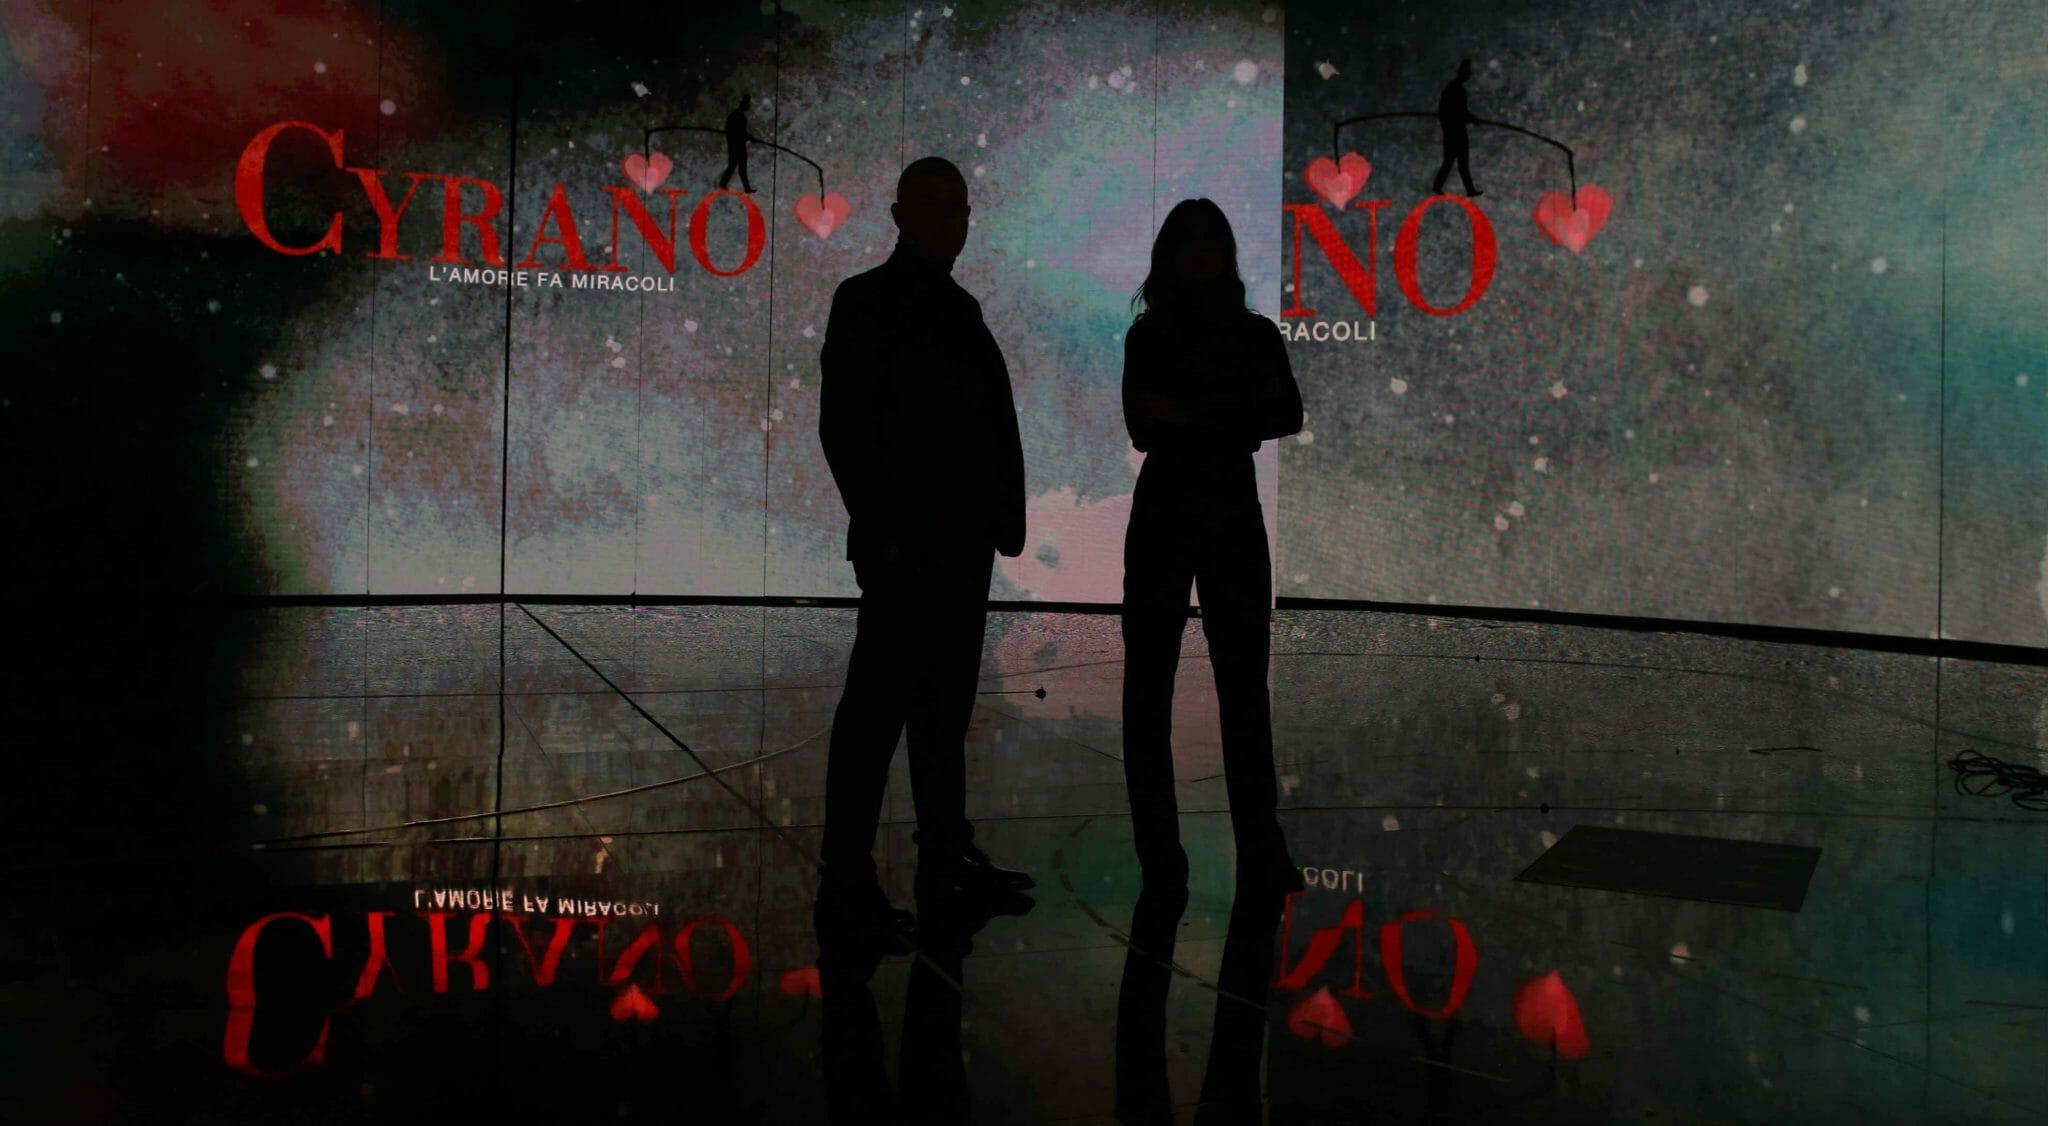 """""""L'amore non ha un perché, è il perché"""". Gramellini racconta """"Cyrano"""" (in cui si darà spazio ai classici della letteratura)"""